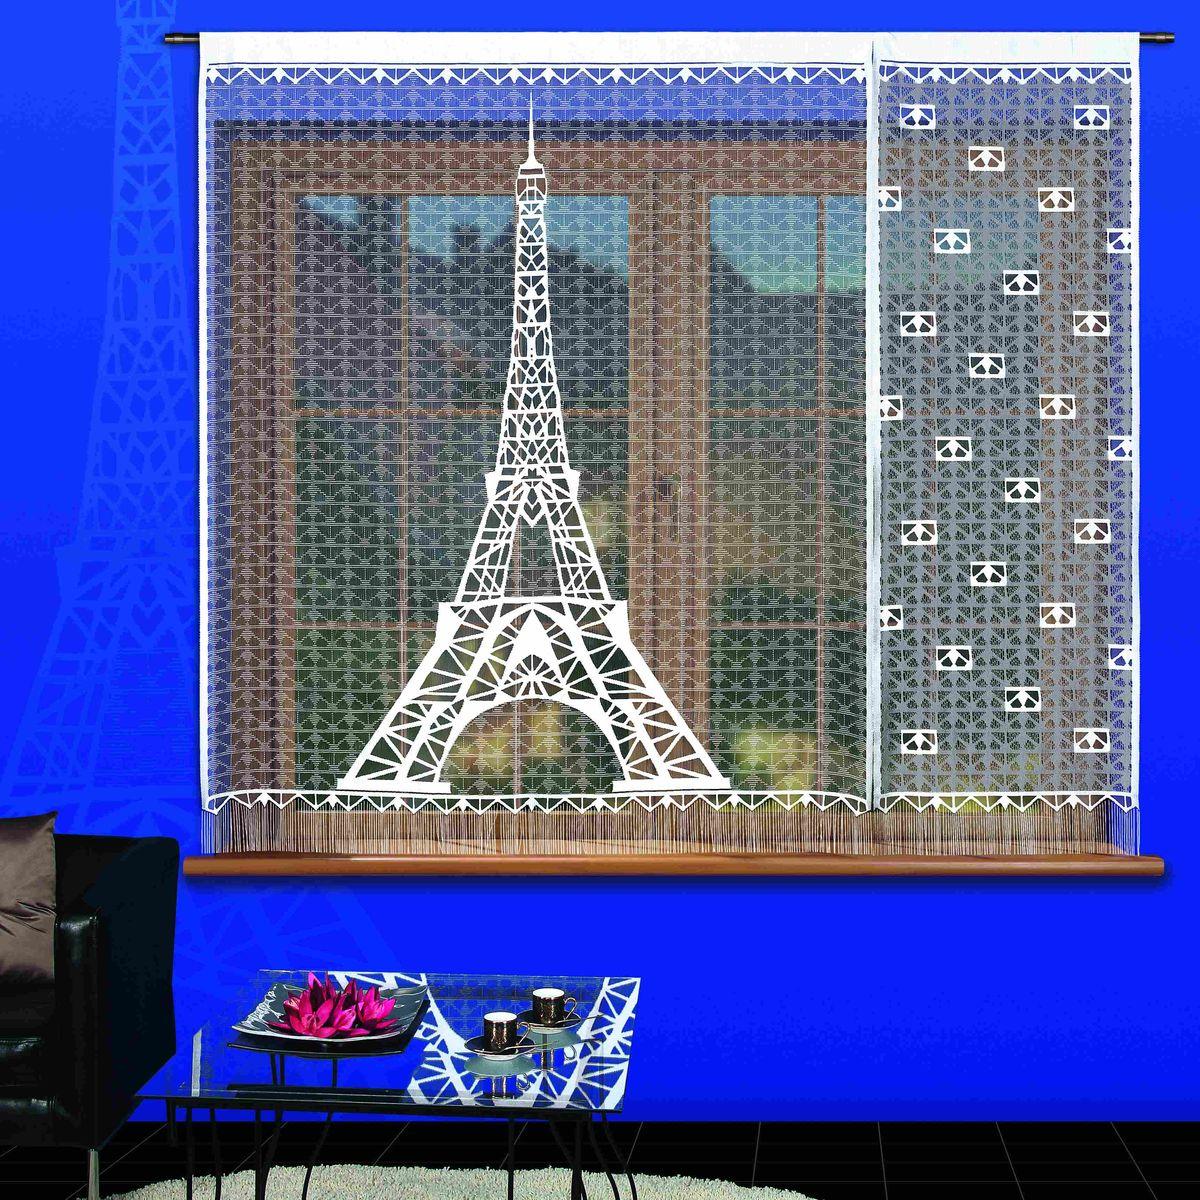 Гардина-панно Wisan Paryz, цвет: белый, черный, высота 180 см, 2 штGC013/00Воздушная гардина-панно Wisan Paryz, изготовленная из полиэстера, станет великолепным украшением любого окна. Изделие состоит из двух частей. Оригинальный принт в виде Эйфелевой башни и приятная цветовая гамма привлекут к себе внимание и органично впишутся в интерьер комнаты. Снизу гардина оформлена бахромой. Верхняя часть гардины не оснащена креплениями. Размер частей панно: 150 см х 180 см, 60 см х 180 см.